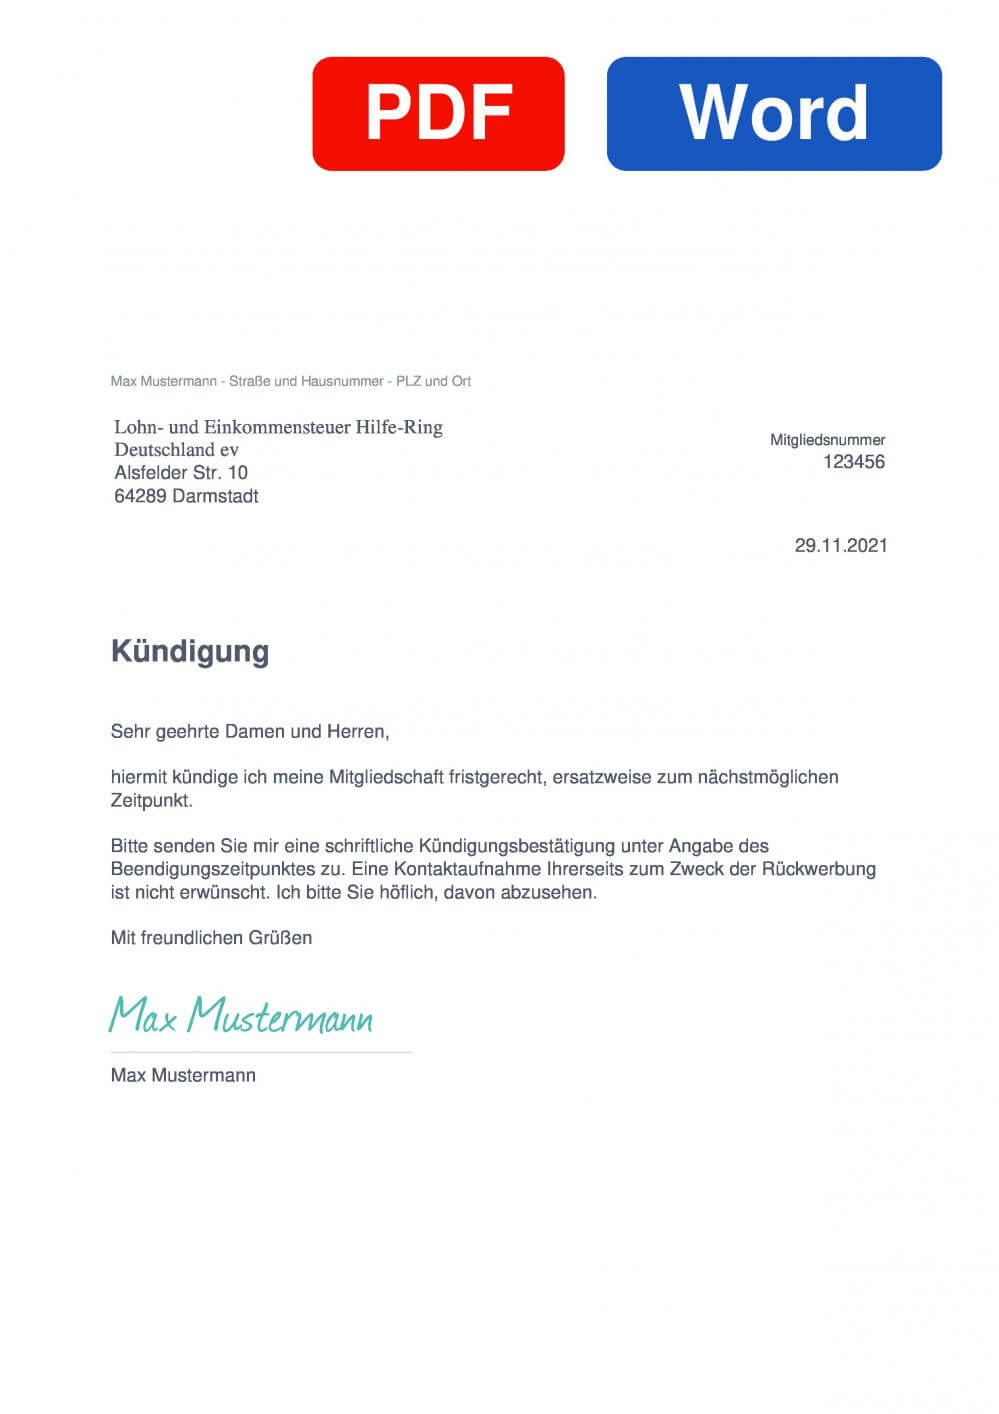 Lohnsteuerhilfering Muster Vorlage für Kündigungsschreiben